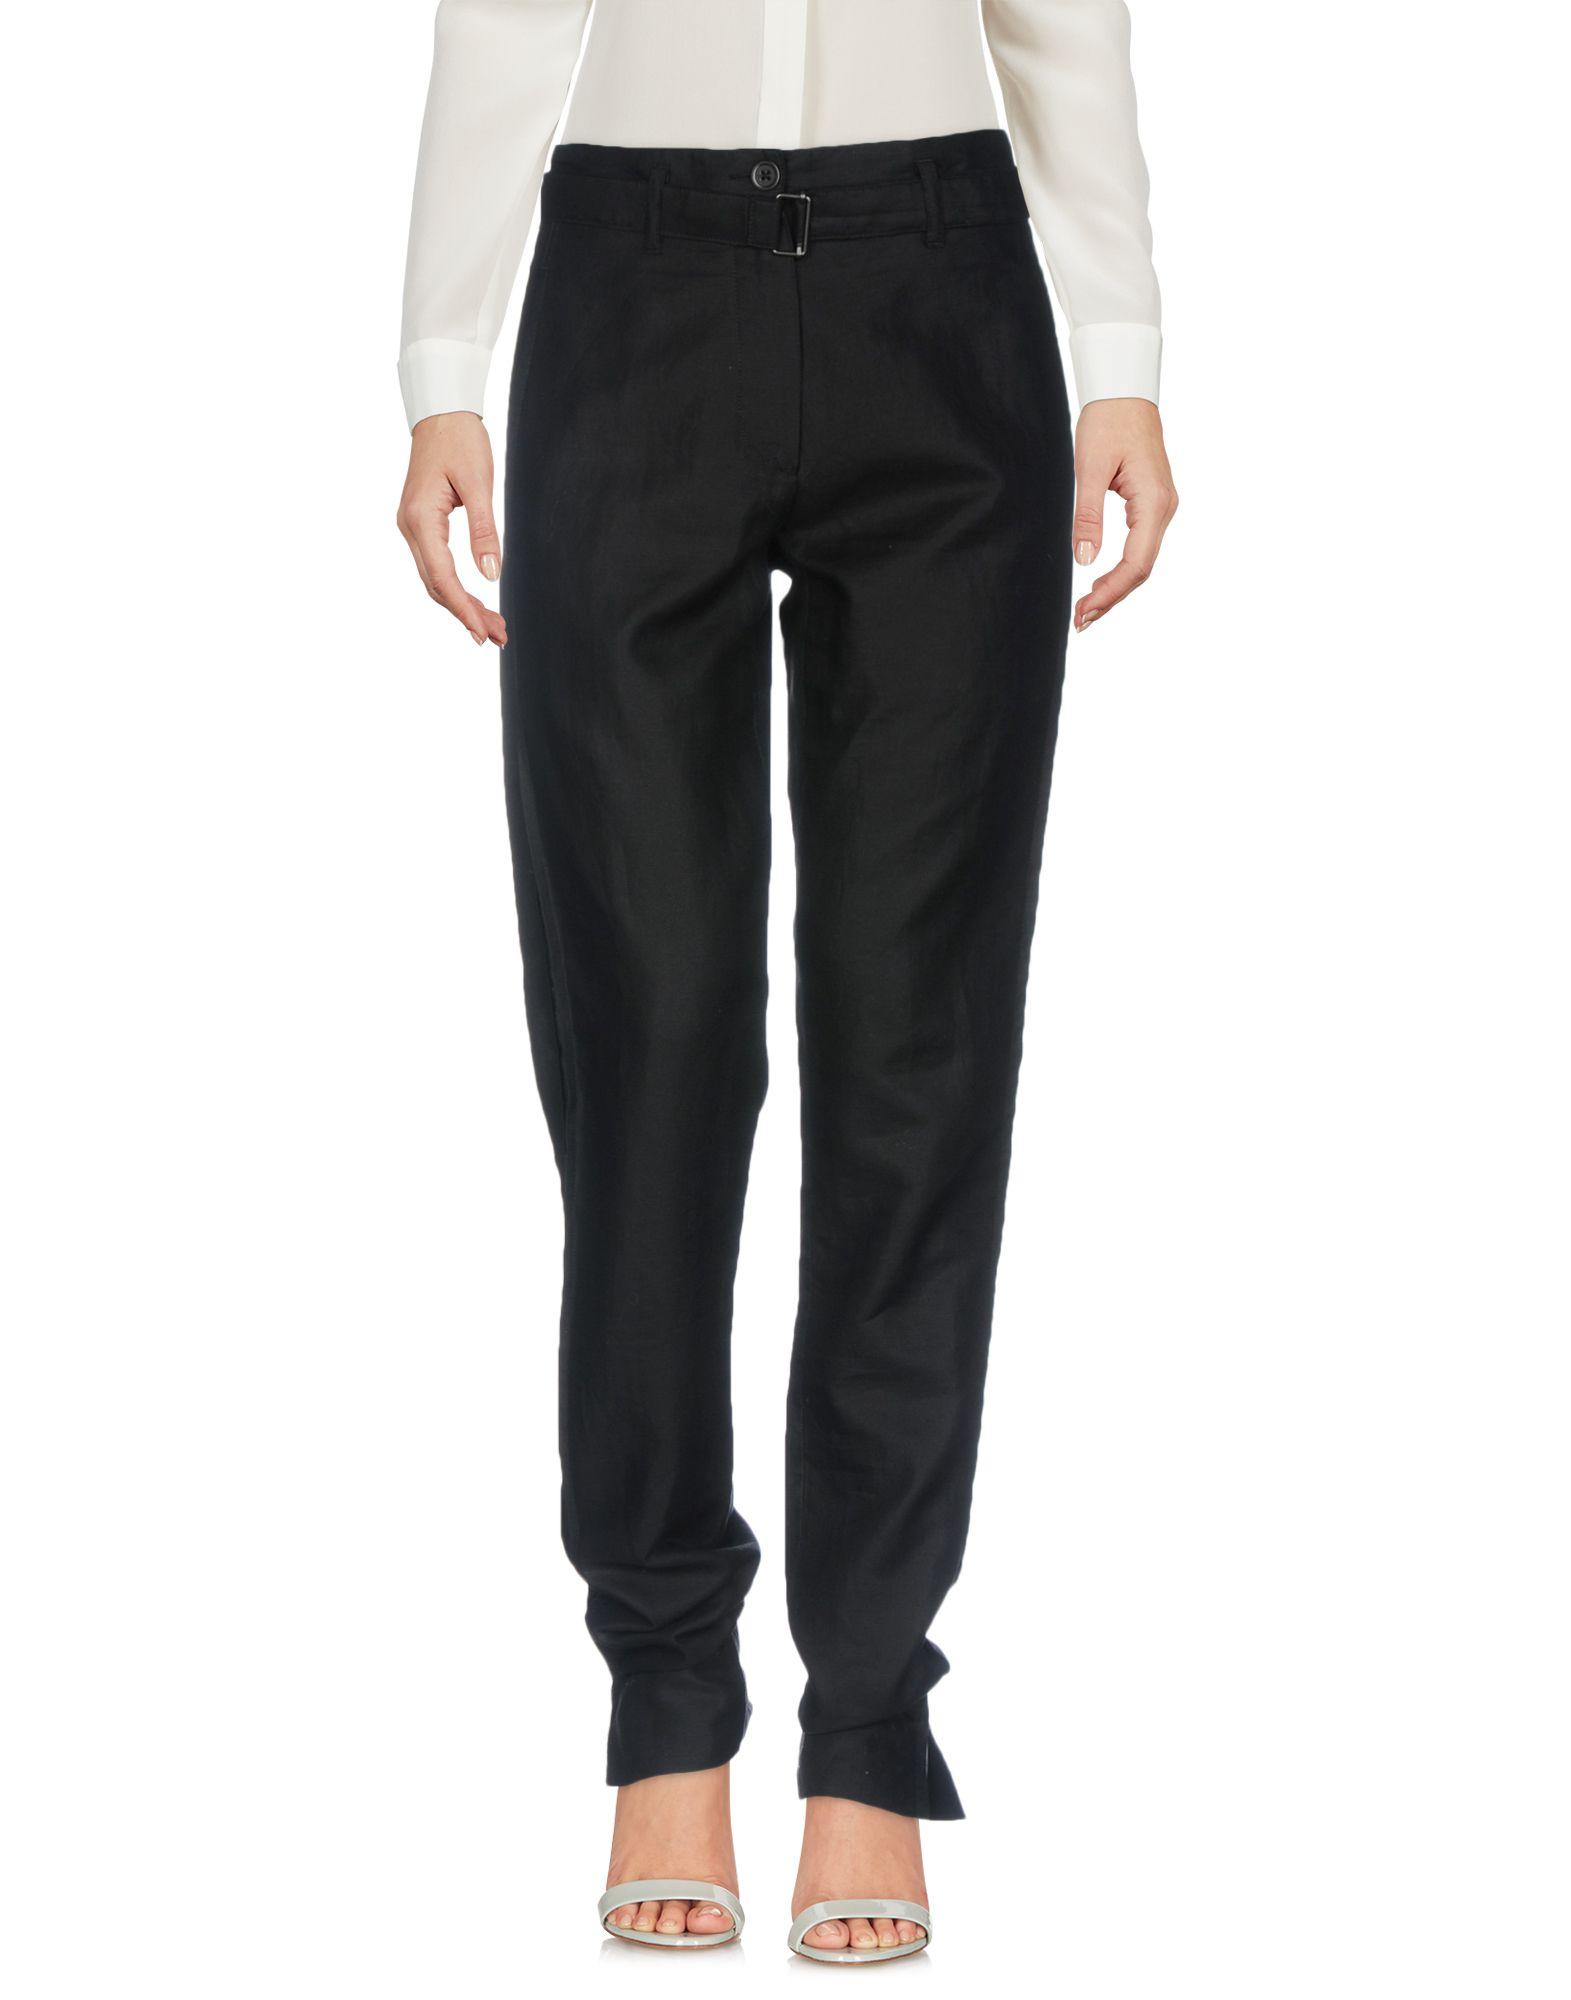 Pantalone Ann Demeulemeester Donna - Acquista online su UV7pR